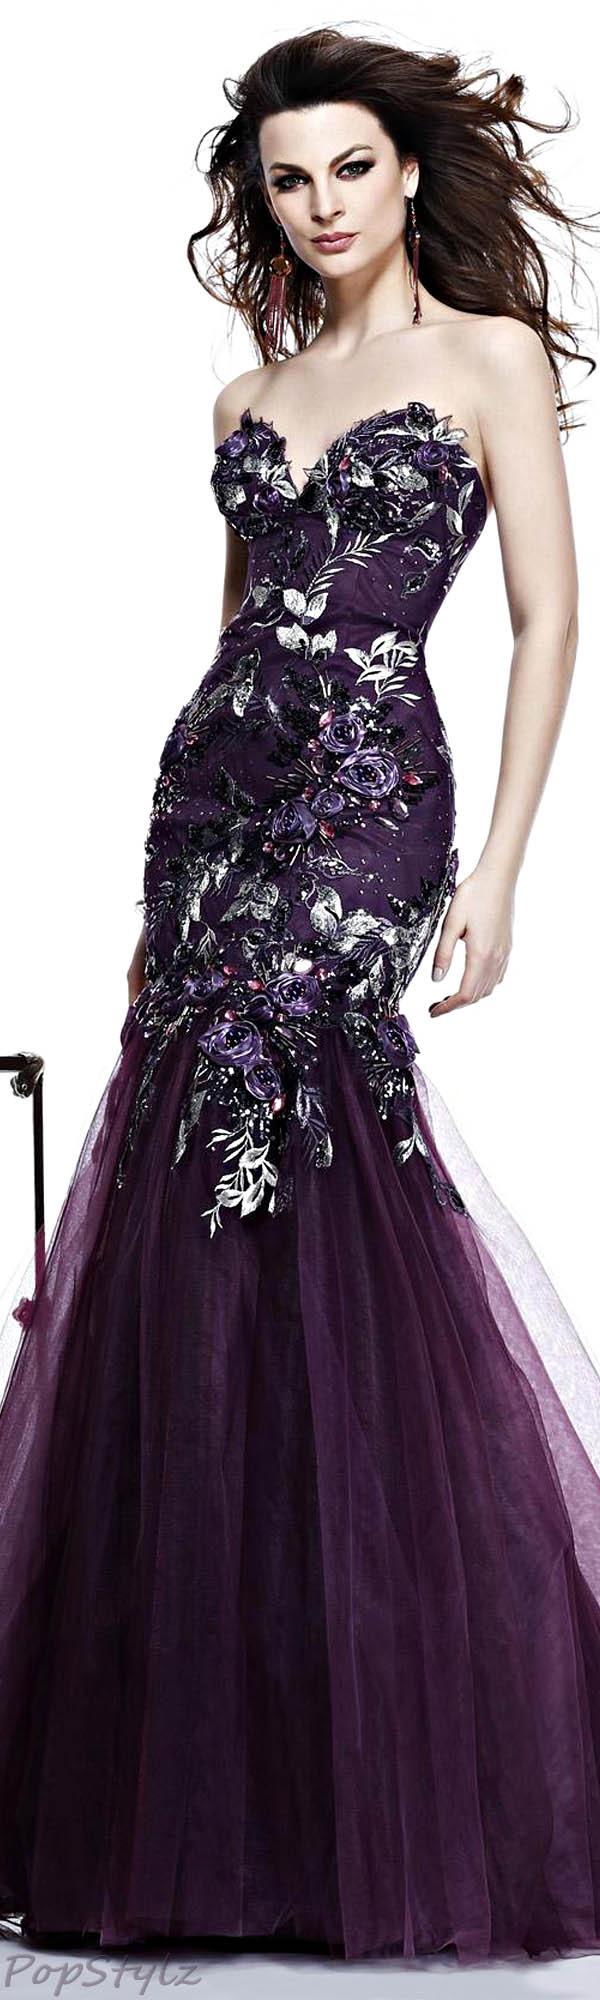 Tarik Ediz 2014 Evening Gown 81053